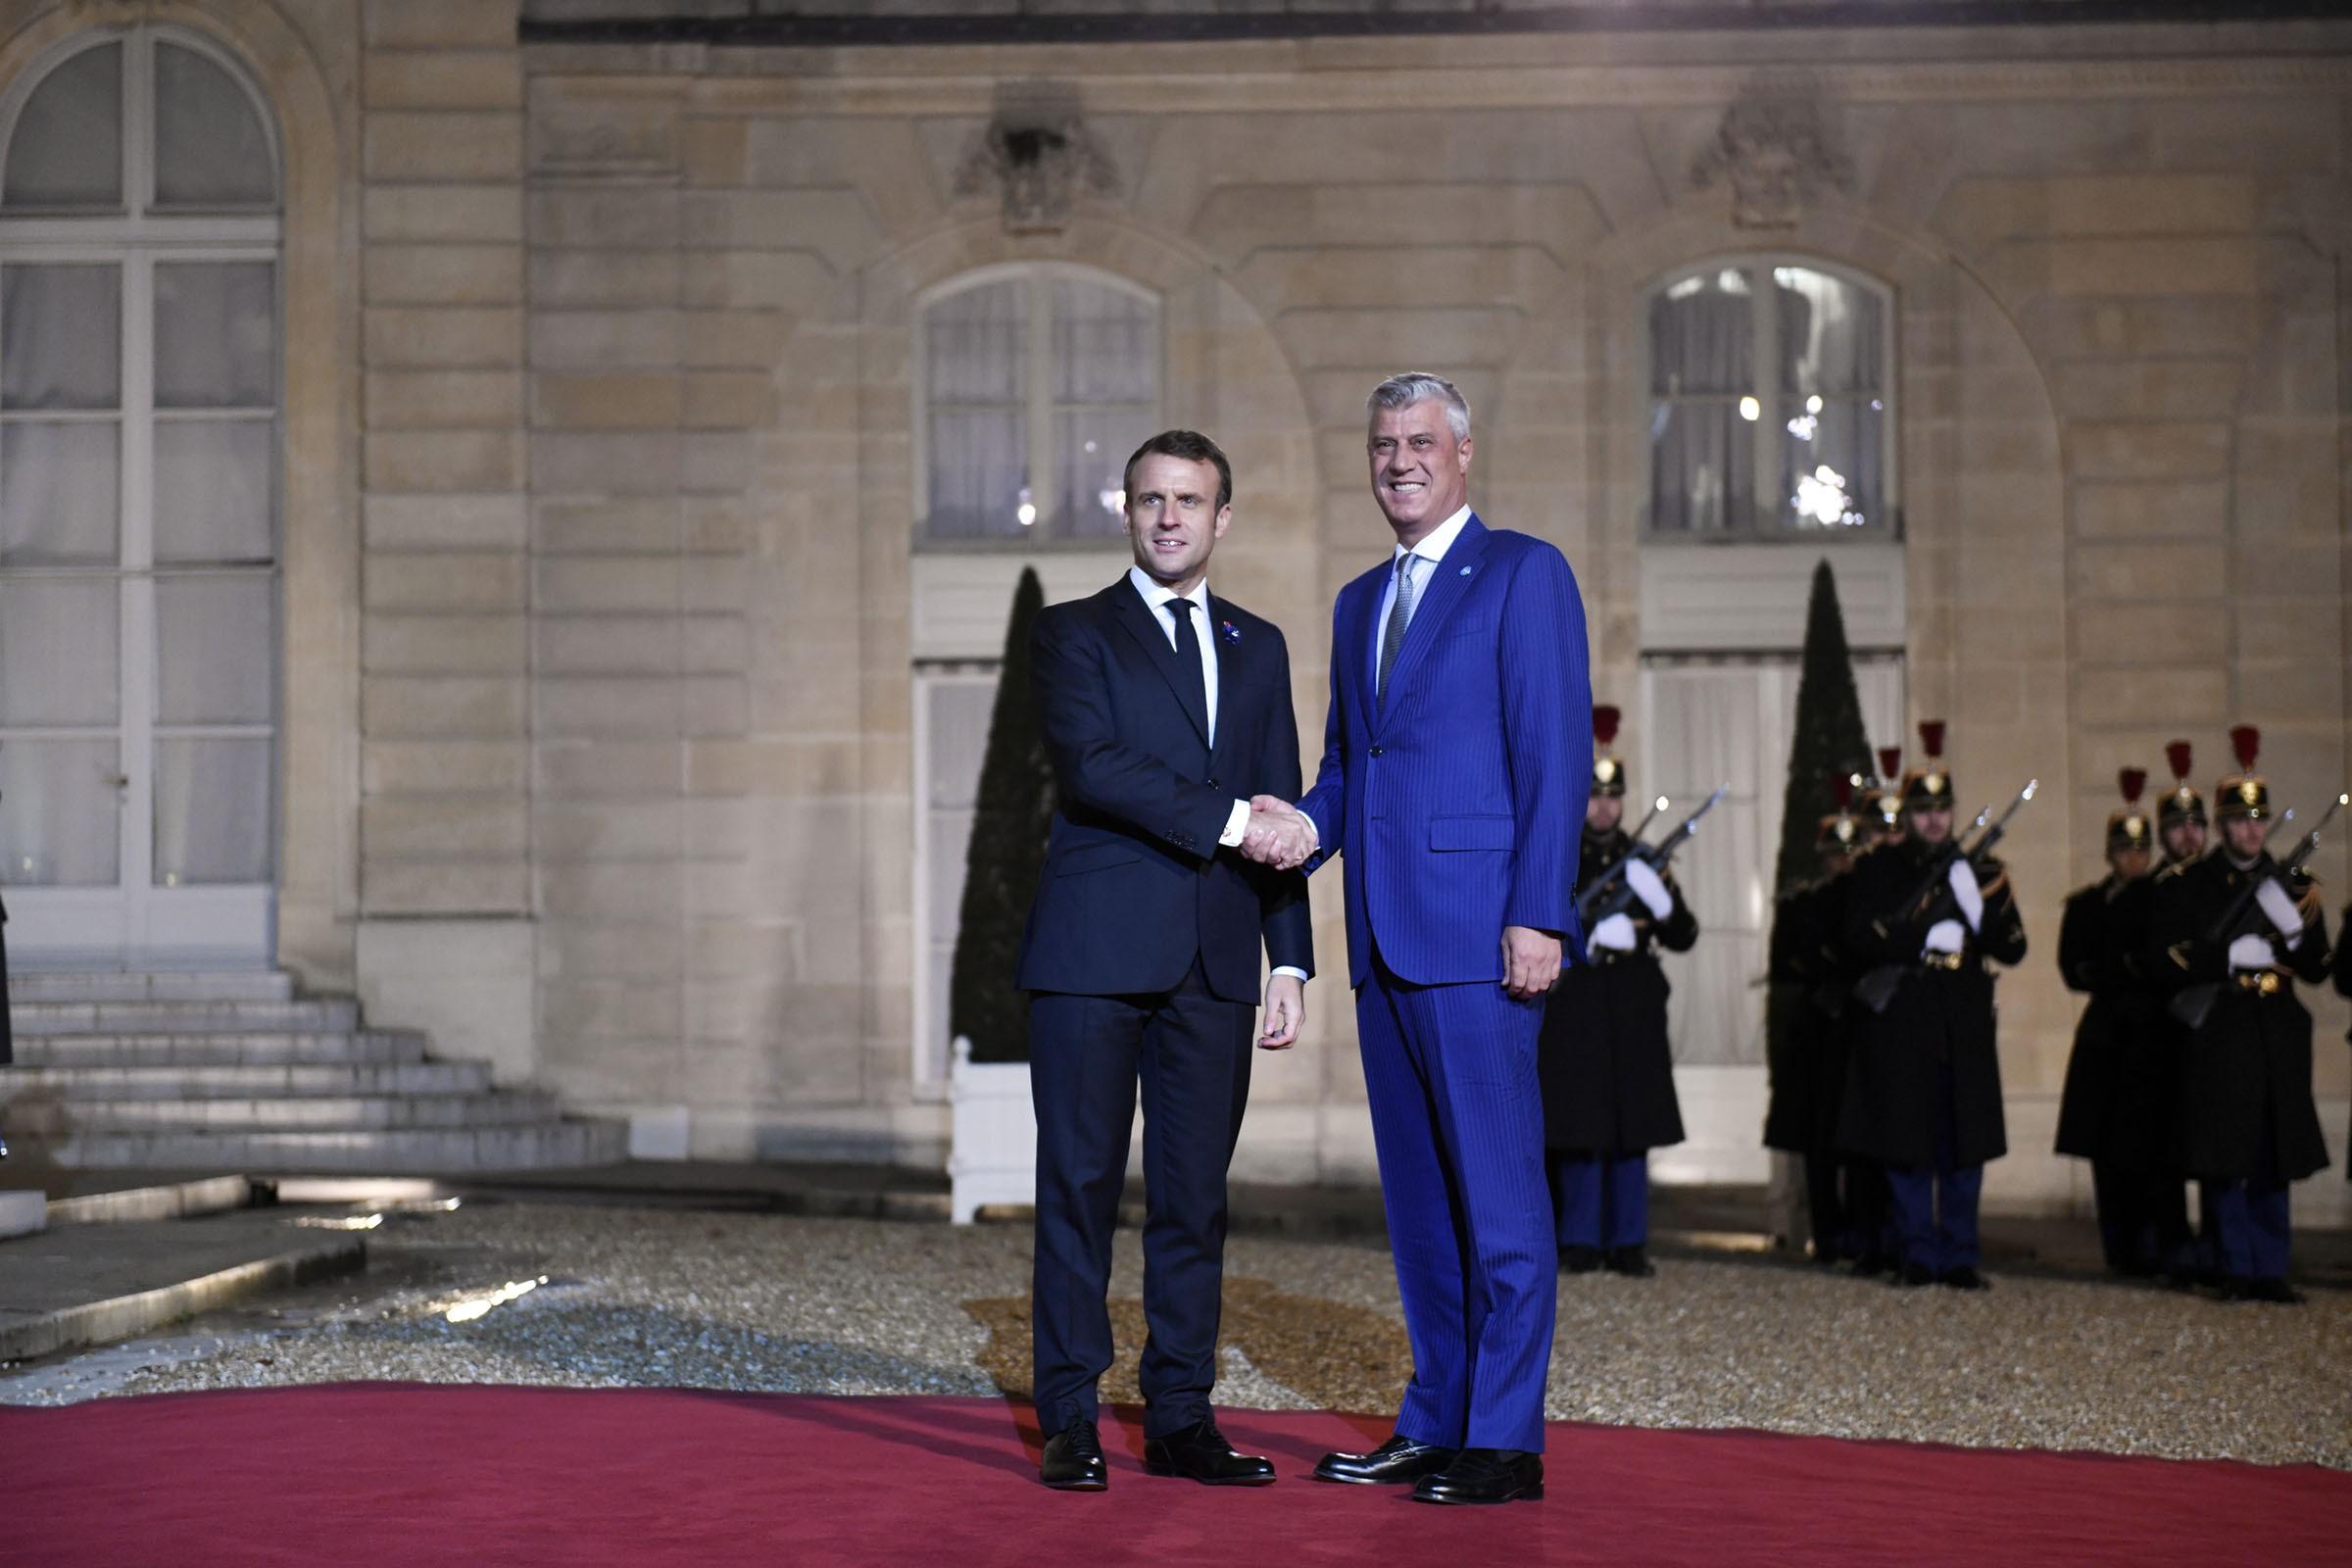 Συνάντηση Thaçi, Macron: Το Κοσσυφοπέδιο είναι έτοιμο για μια Ειρηνευτική Συμφωνία